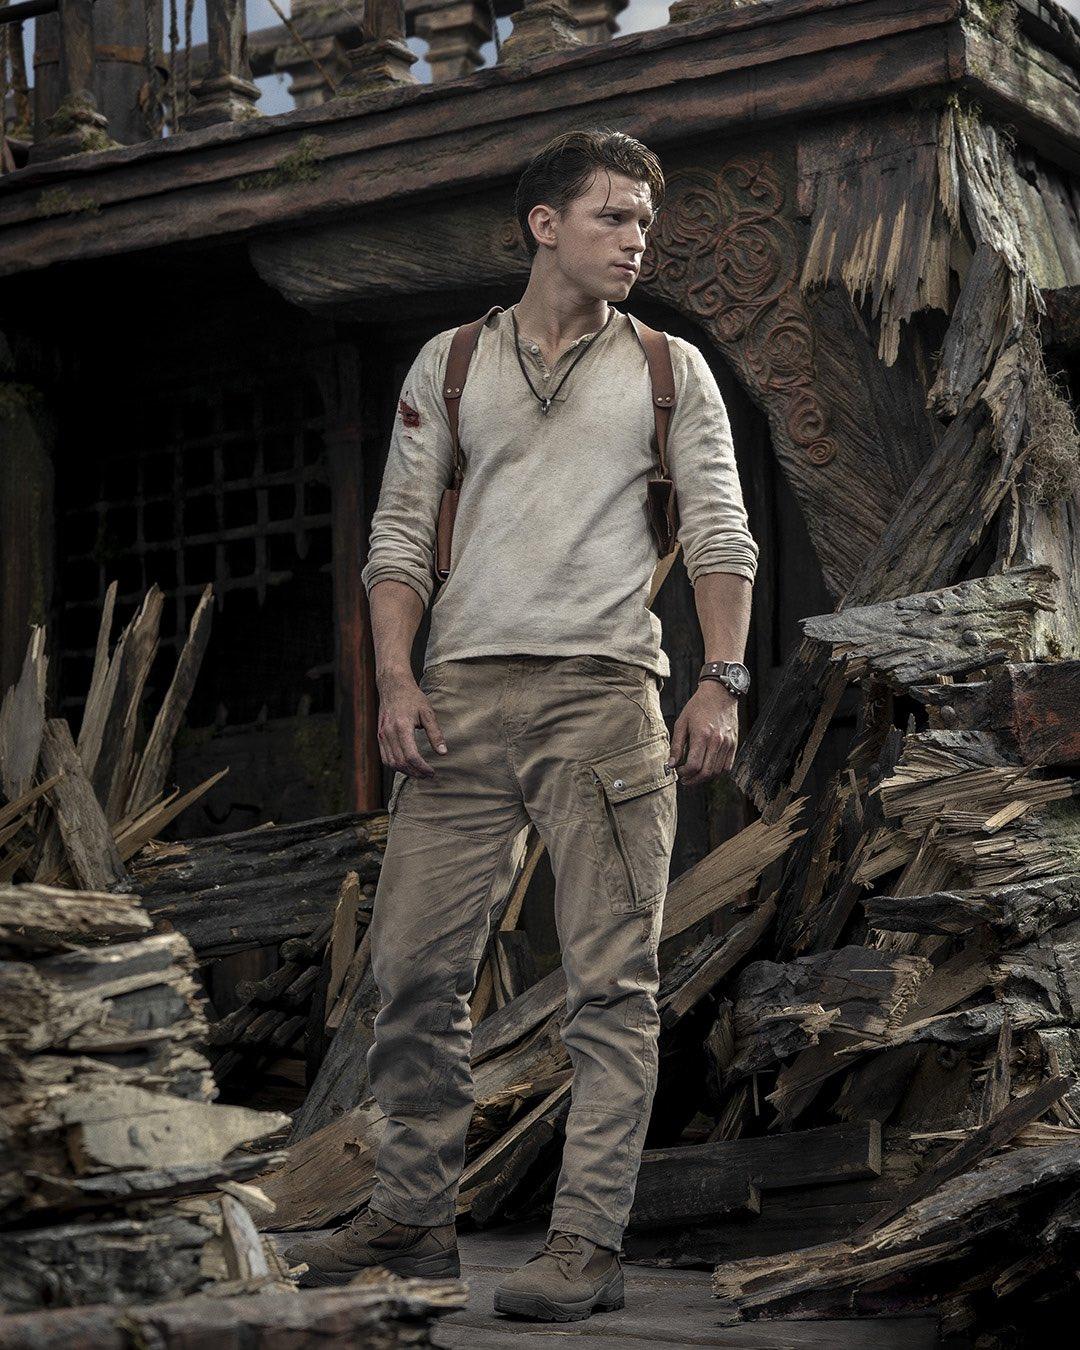 Том Холланд показал себя в образе Натана Дрейка из экранизации игры Uncharted